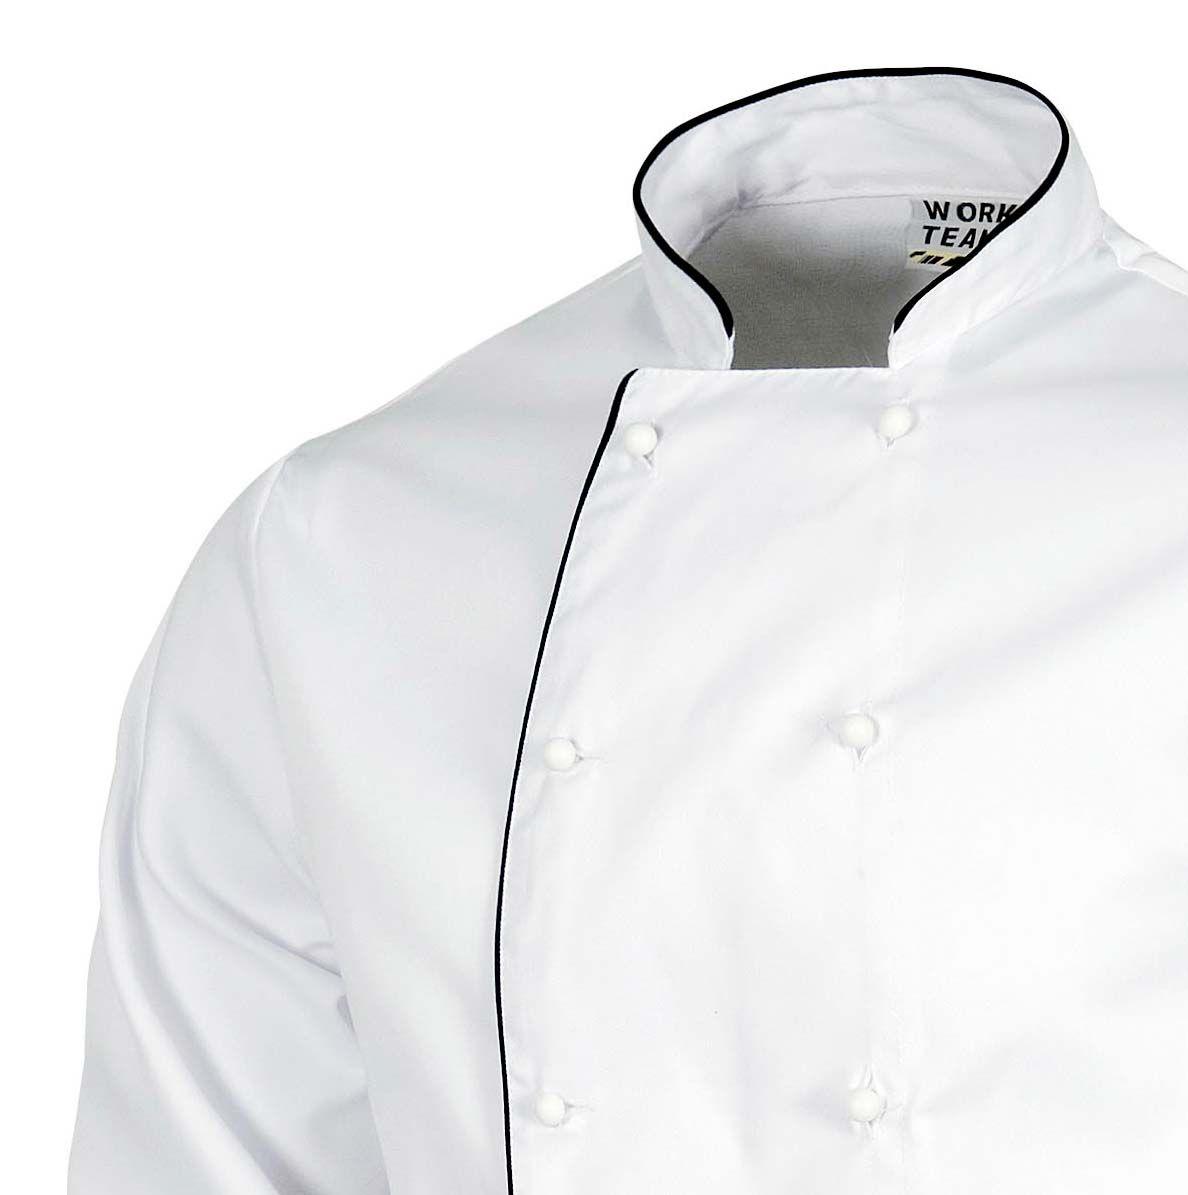 fdfb8801124 Casaca de cocina B9206 de Workteam   Ropa laboral   Casacas, Mangas ...